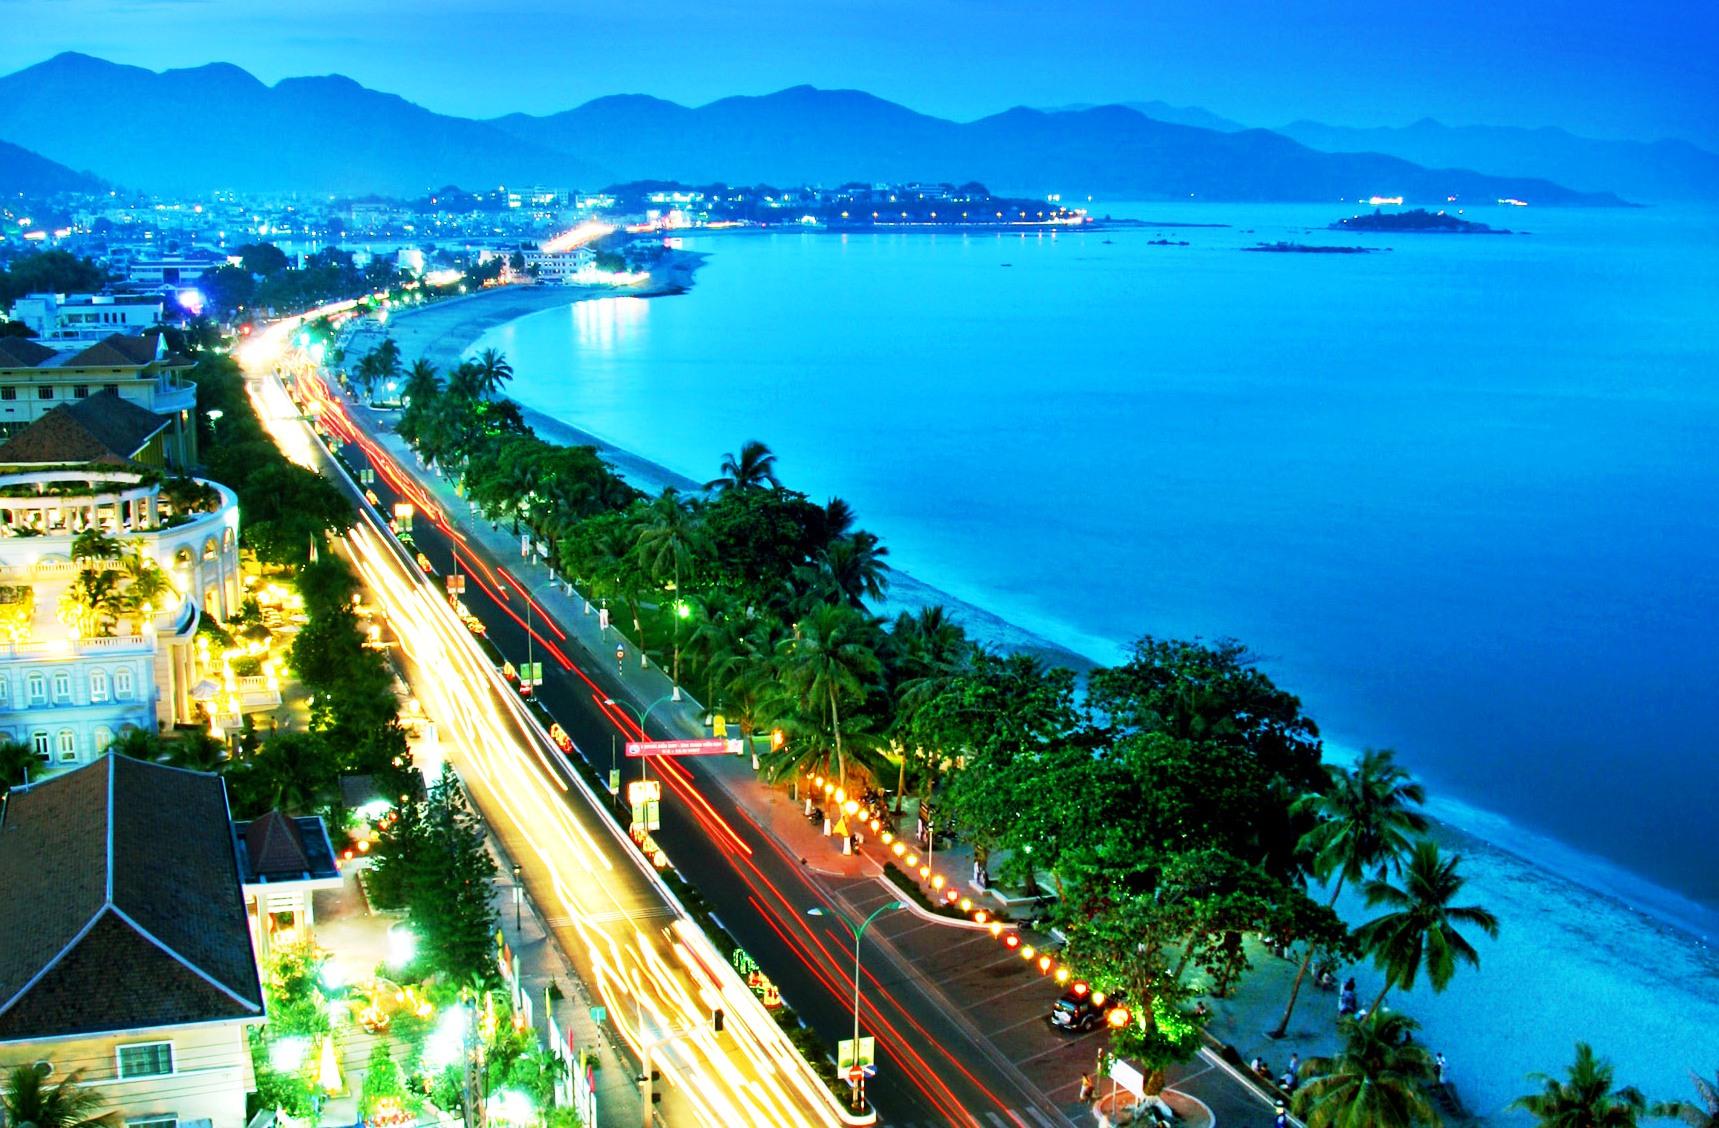 Nha Trang, Quy Nhơn cũng là những điểm đến hấp dẫn khi du lịch tết